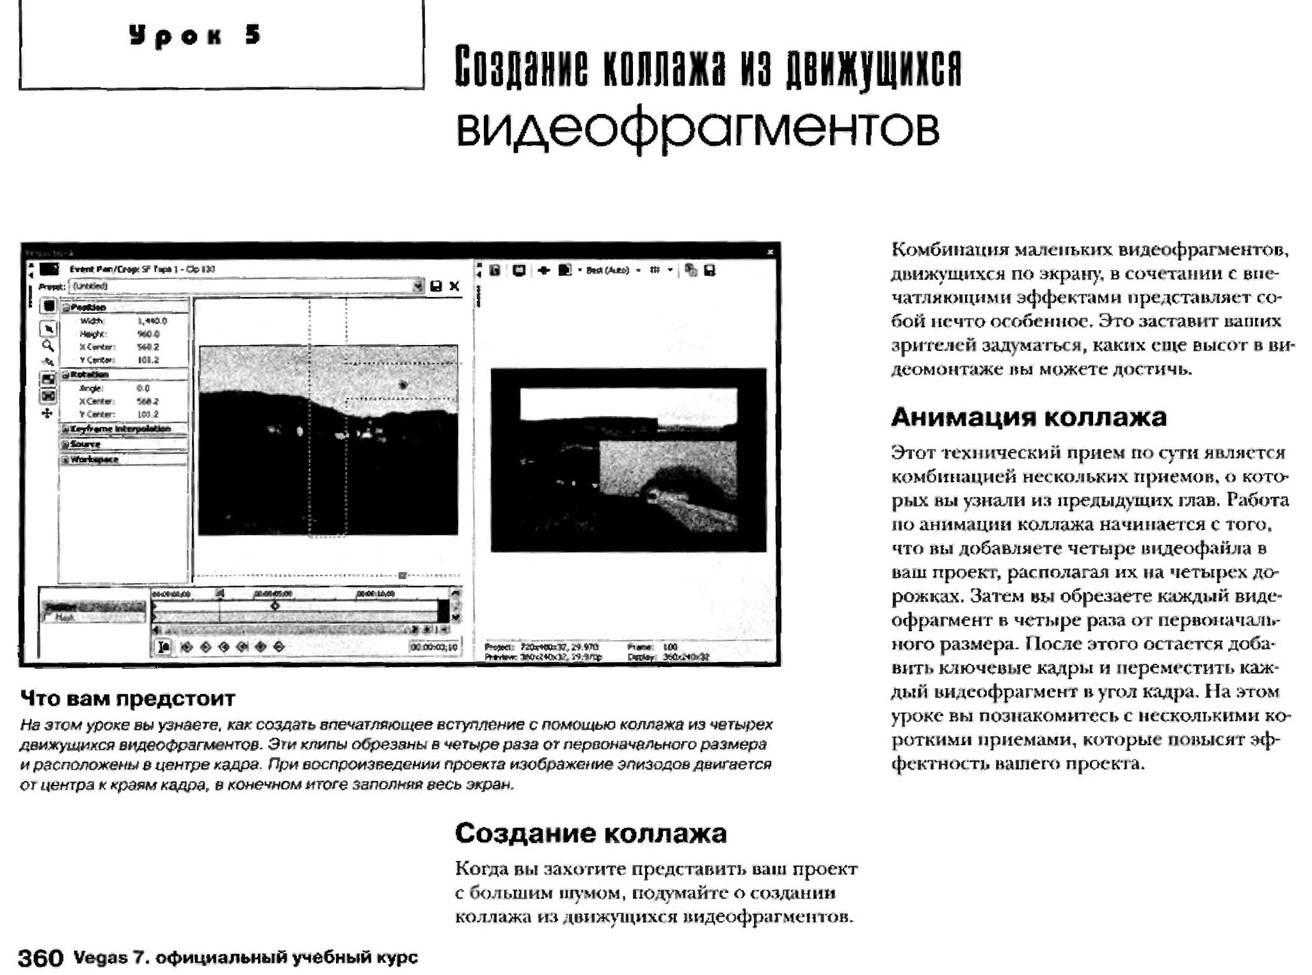 http://redaktori-uroki.3dn.ru/_ph/12/482411487.jpg